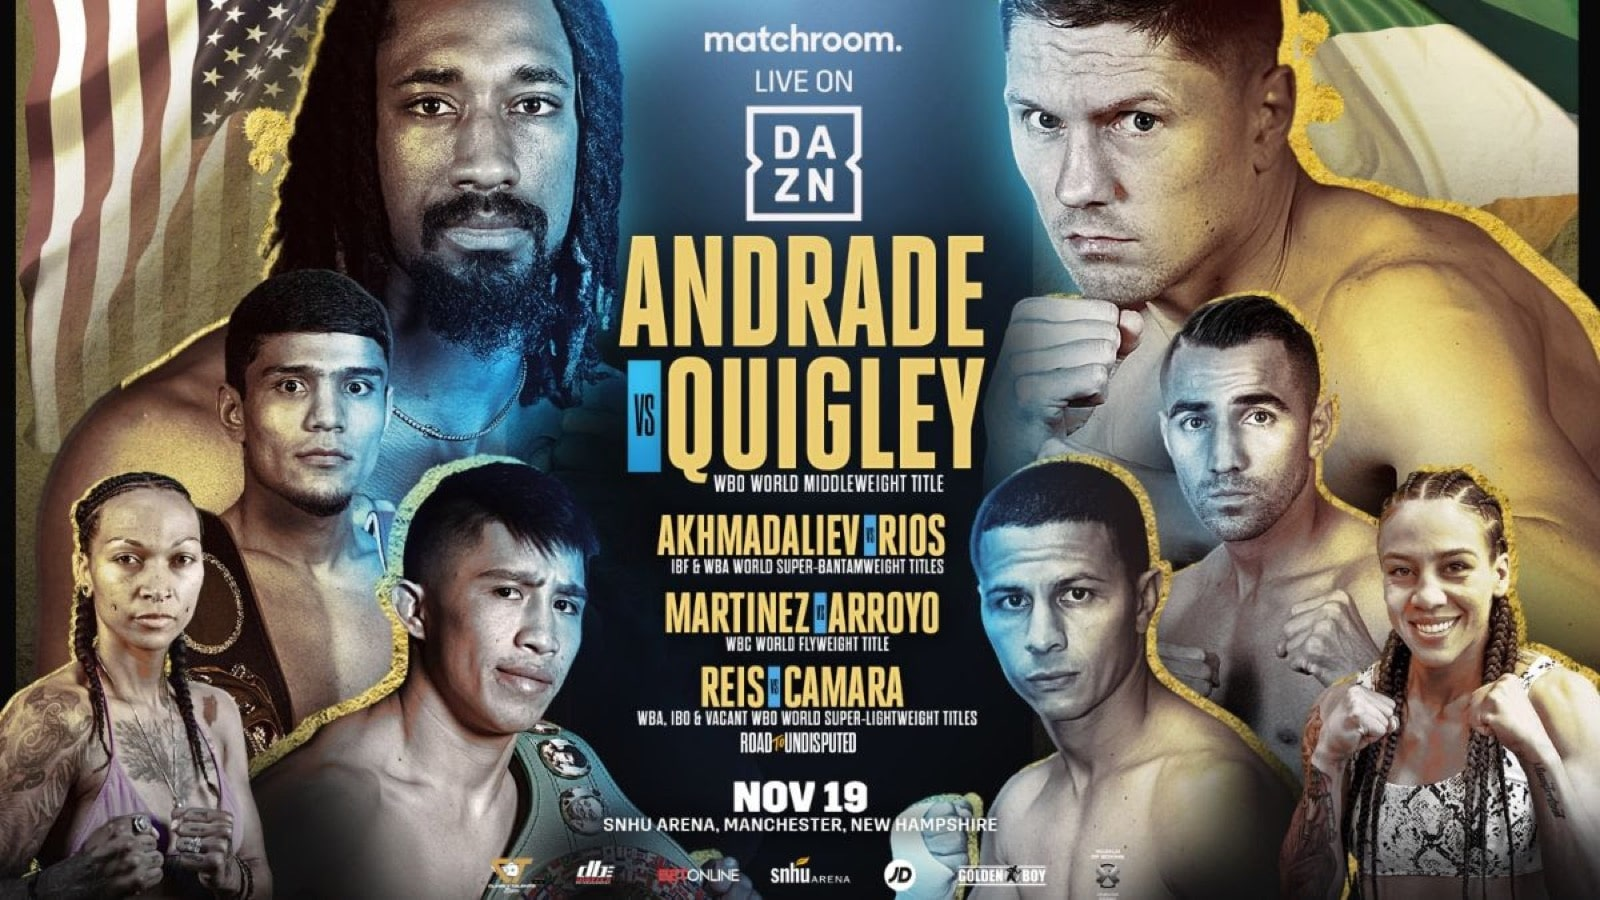 Andrade vs Quigley - DAZN - Nov 19 - 9 pm ET